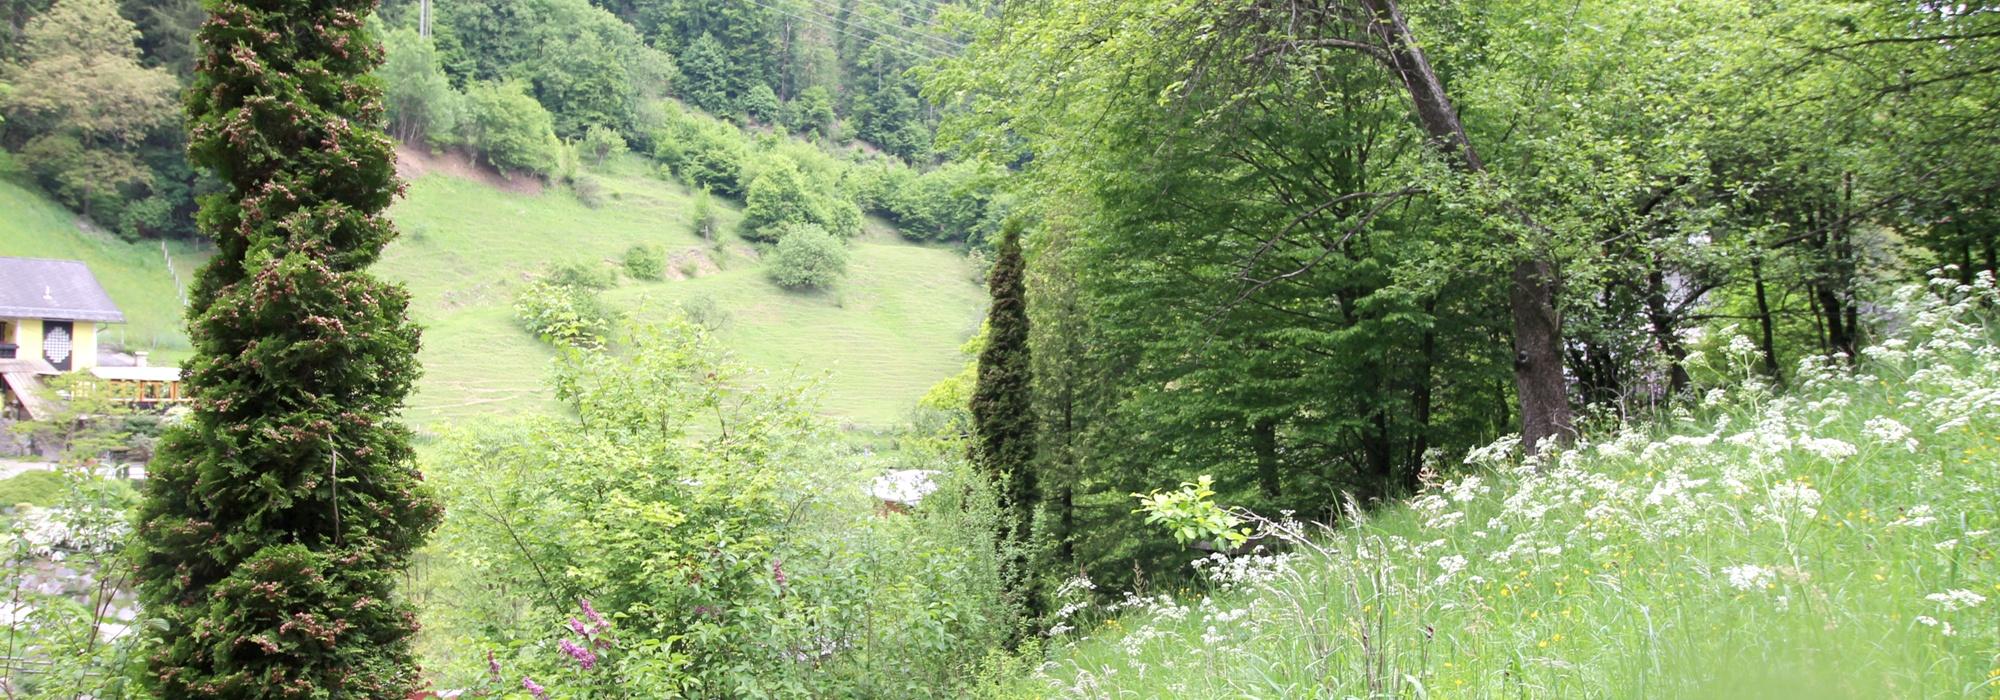 Thal – 2415 m2 Grundstück mit Herausforderung für Individualisten zu verkaufen